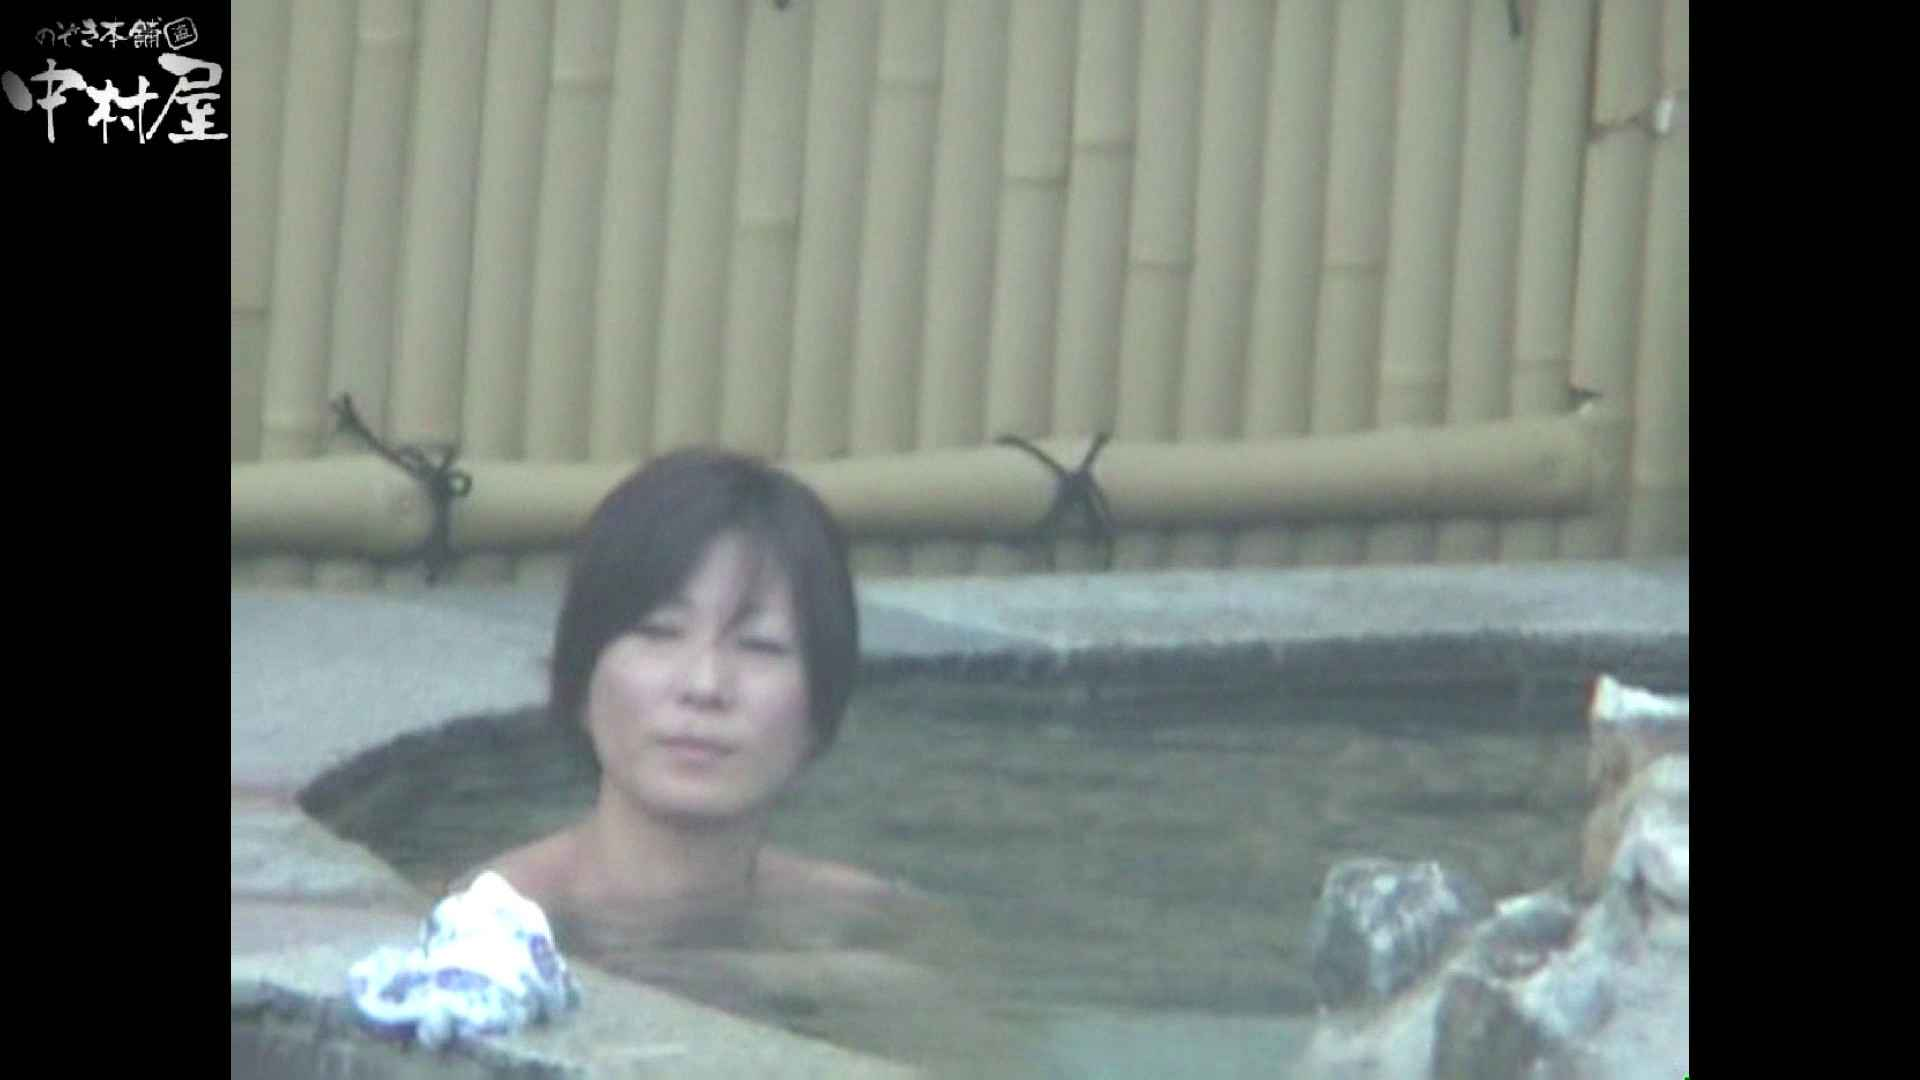 Aquaな露天風呂Vol.972 OLのエロ生活   盗撮  105連発 61